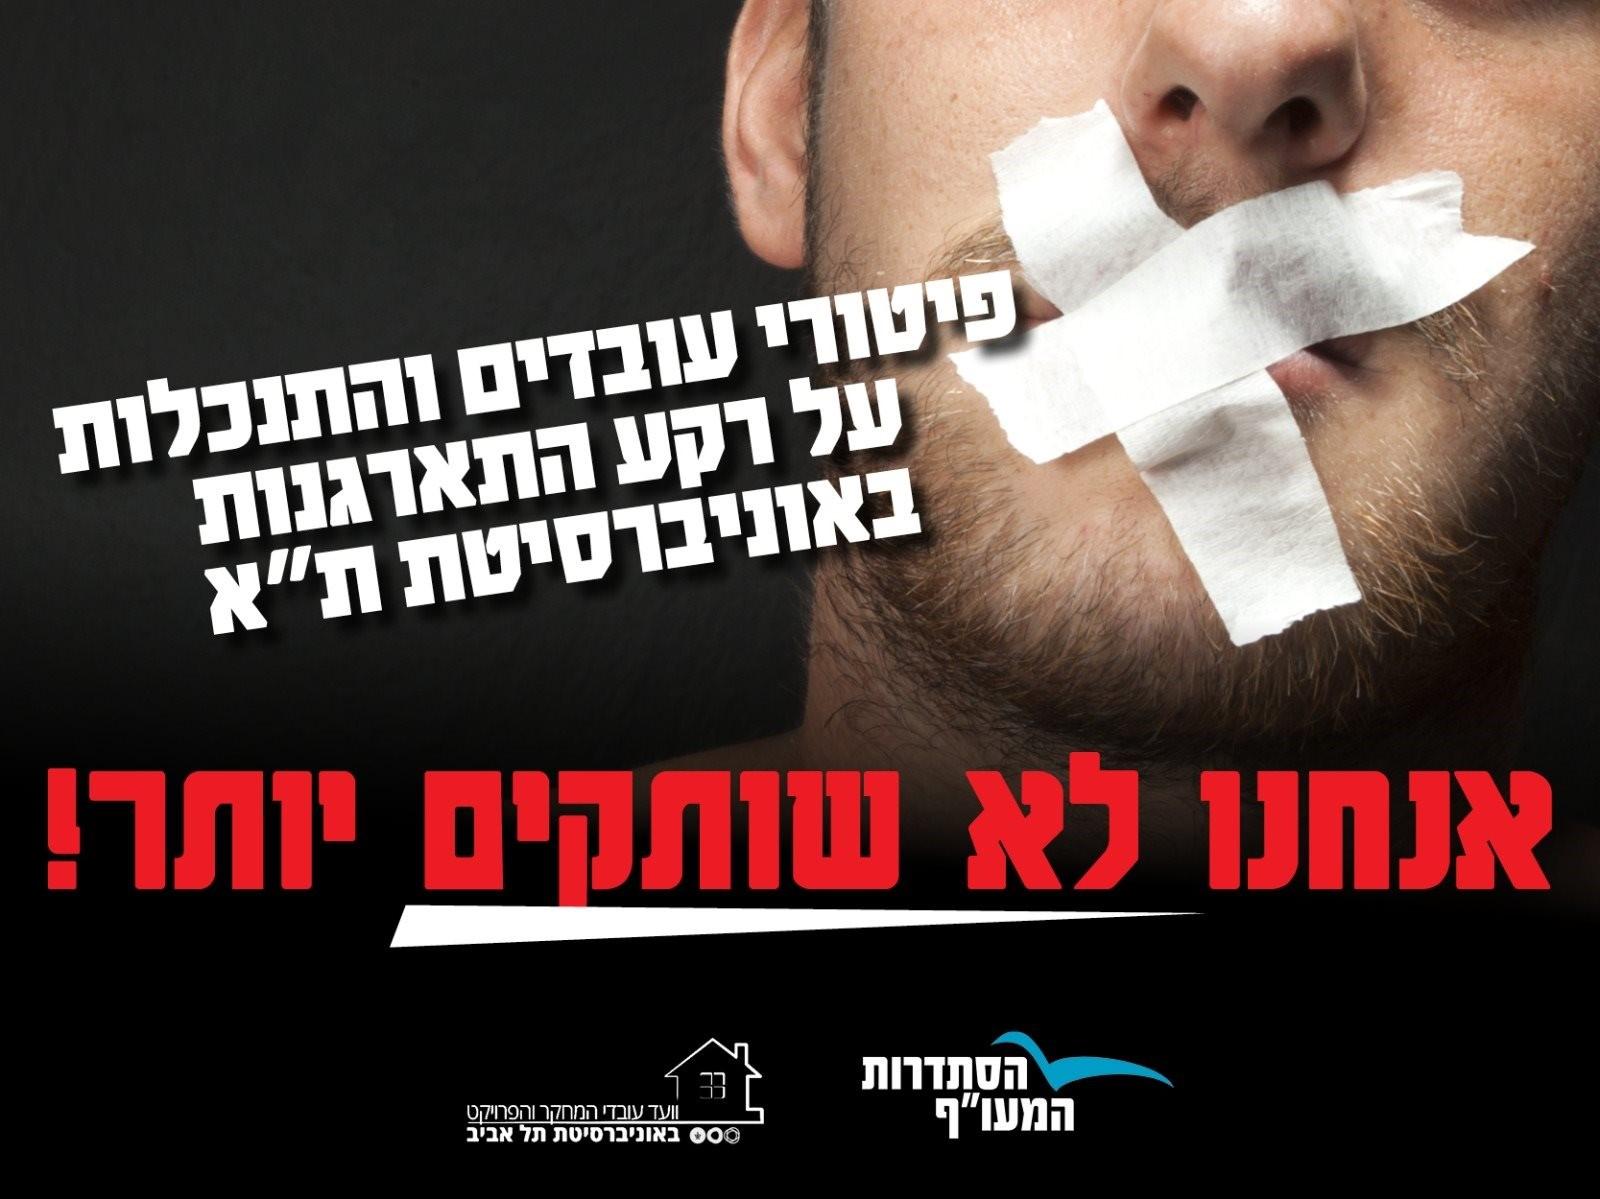 חברי ועד עובדי המחקר והפרויקט של אוניברסיטת תל אביב יפגינו בקמפוס שברמת אביב